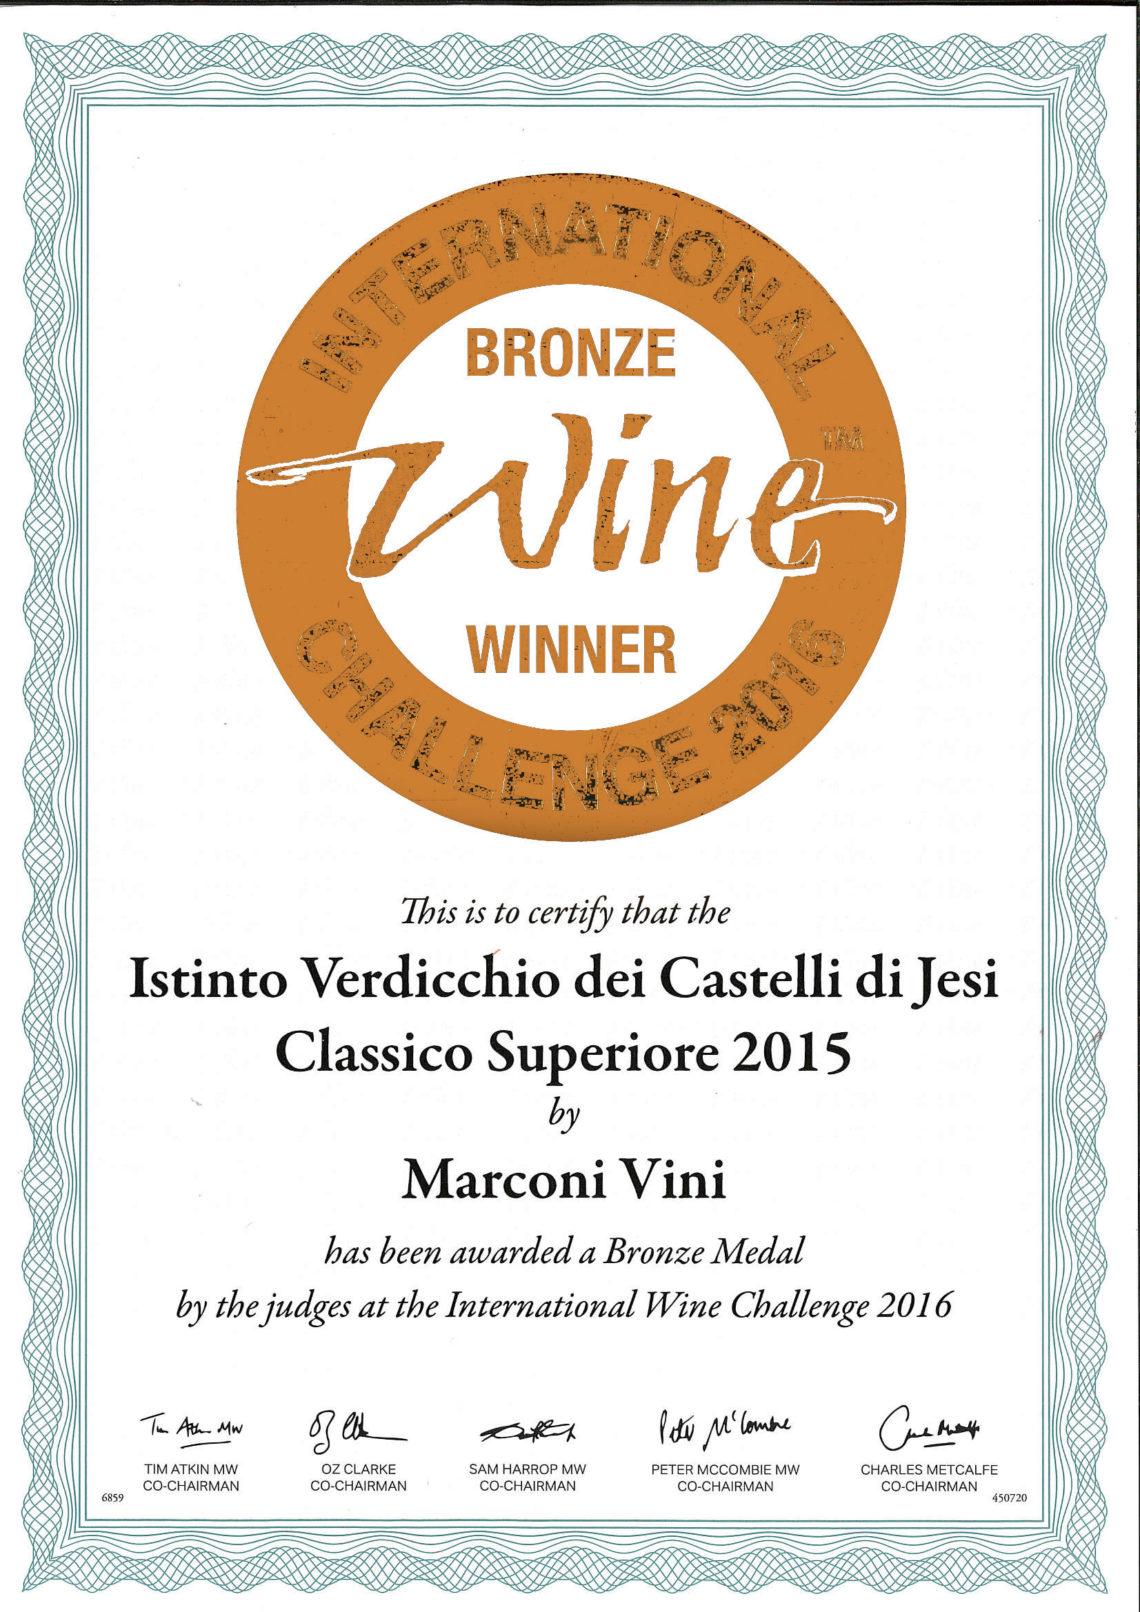 Marconi Vini - Verdicchio dei Castelli di Jesi Classico Superiore 2015 - Bronze - International Challenge 2016